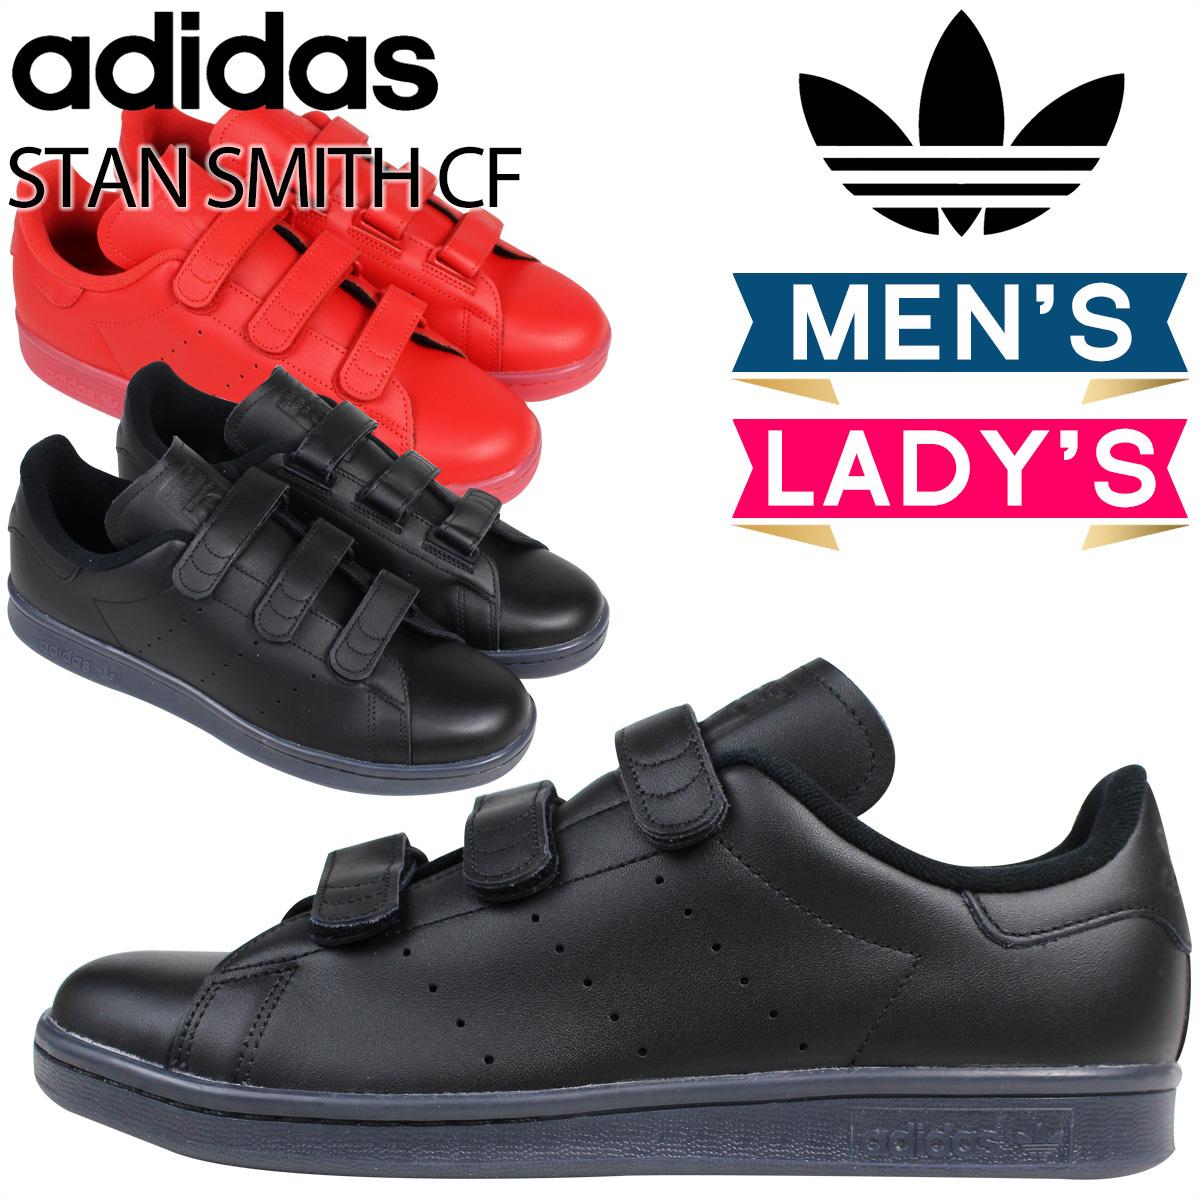 アディダス オリジナルス スタンスミス ベルクロ adidas Originals スニーカー STAN SMITH CF メンズ レディース S80043 S80044 ブラック レッド